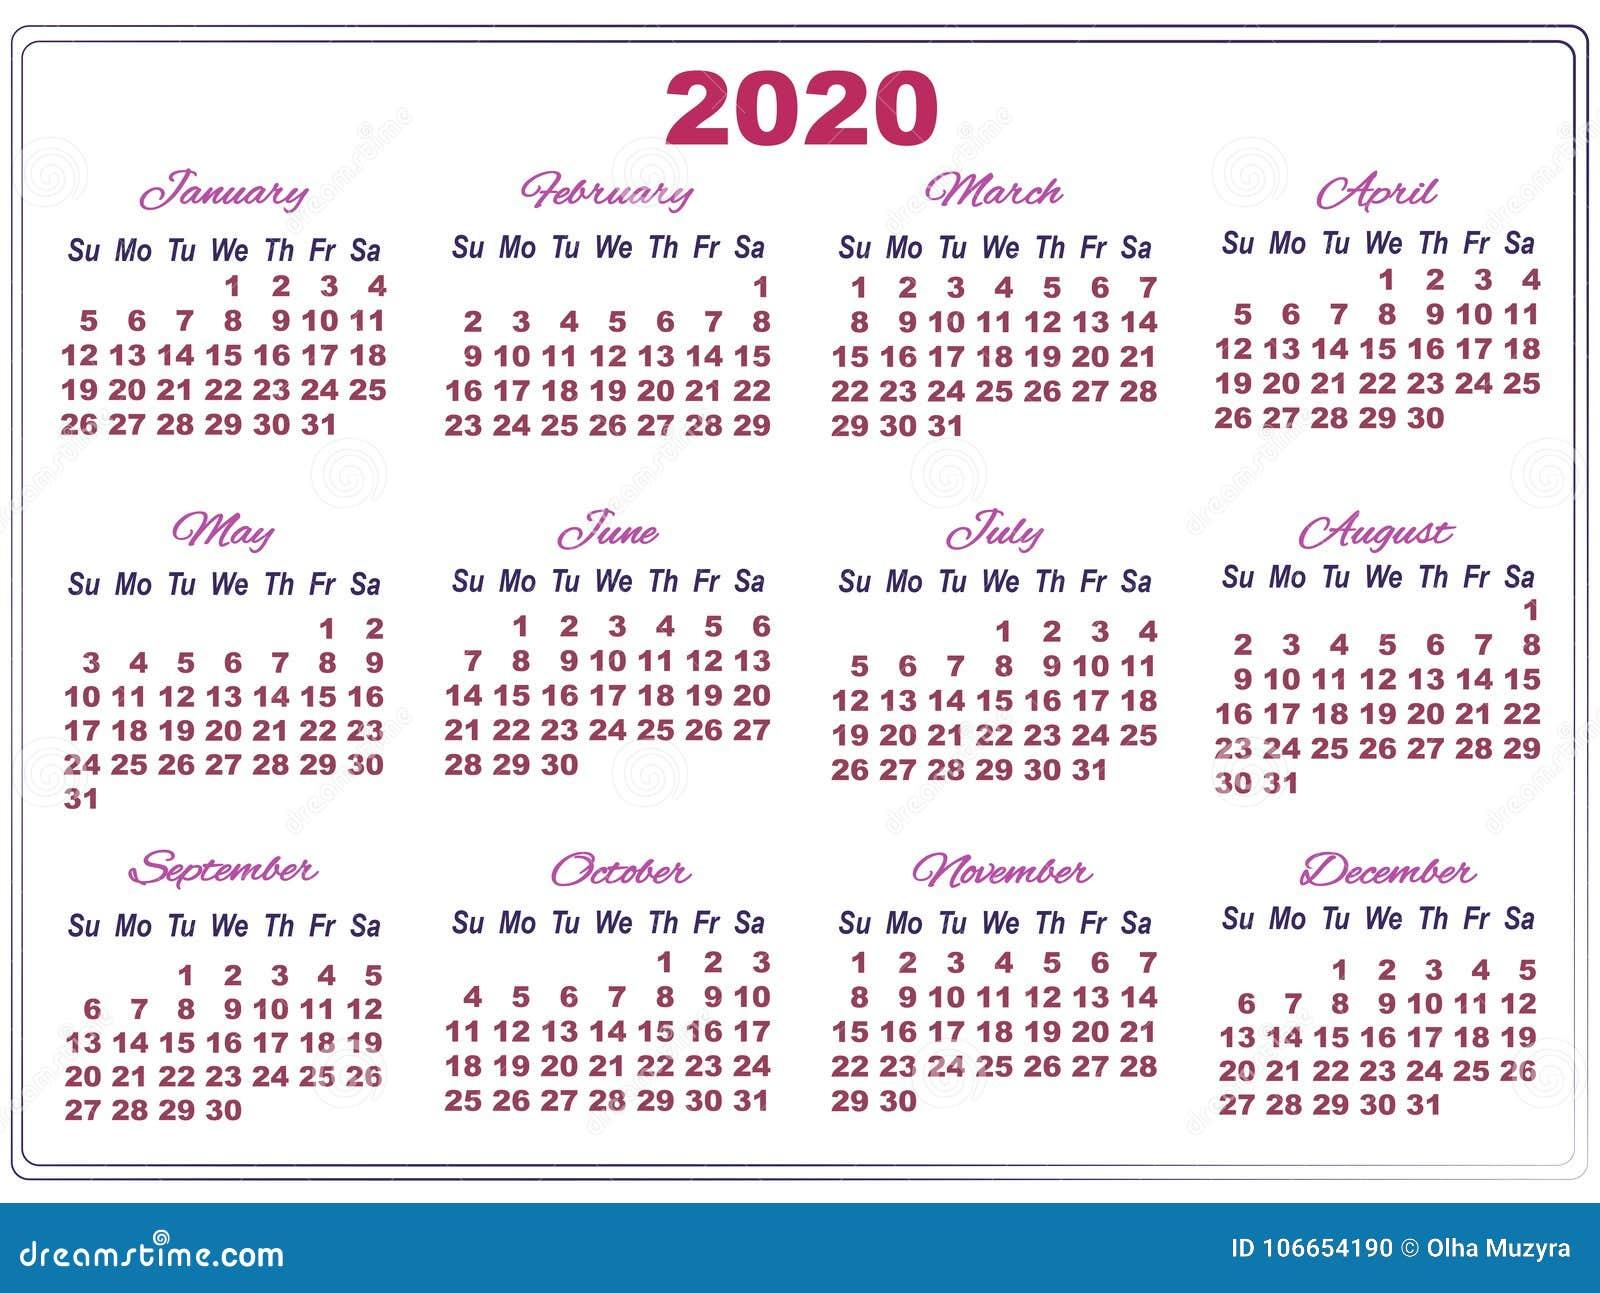 Calendario 2020 Com Feriados Para Impressao.Calendario 2020 Com Numeros Grandes Ilustracao Stock